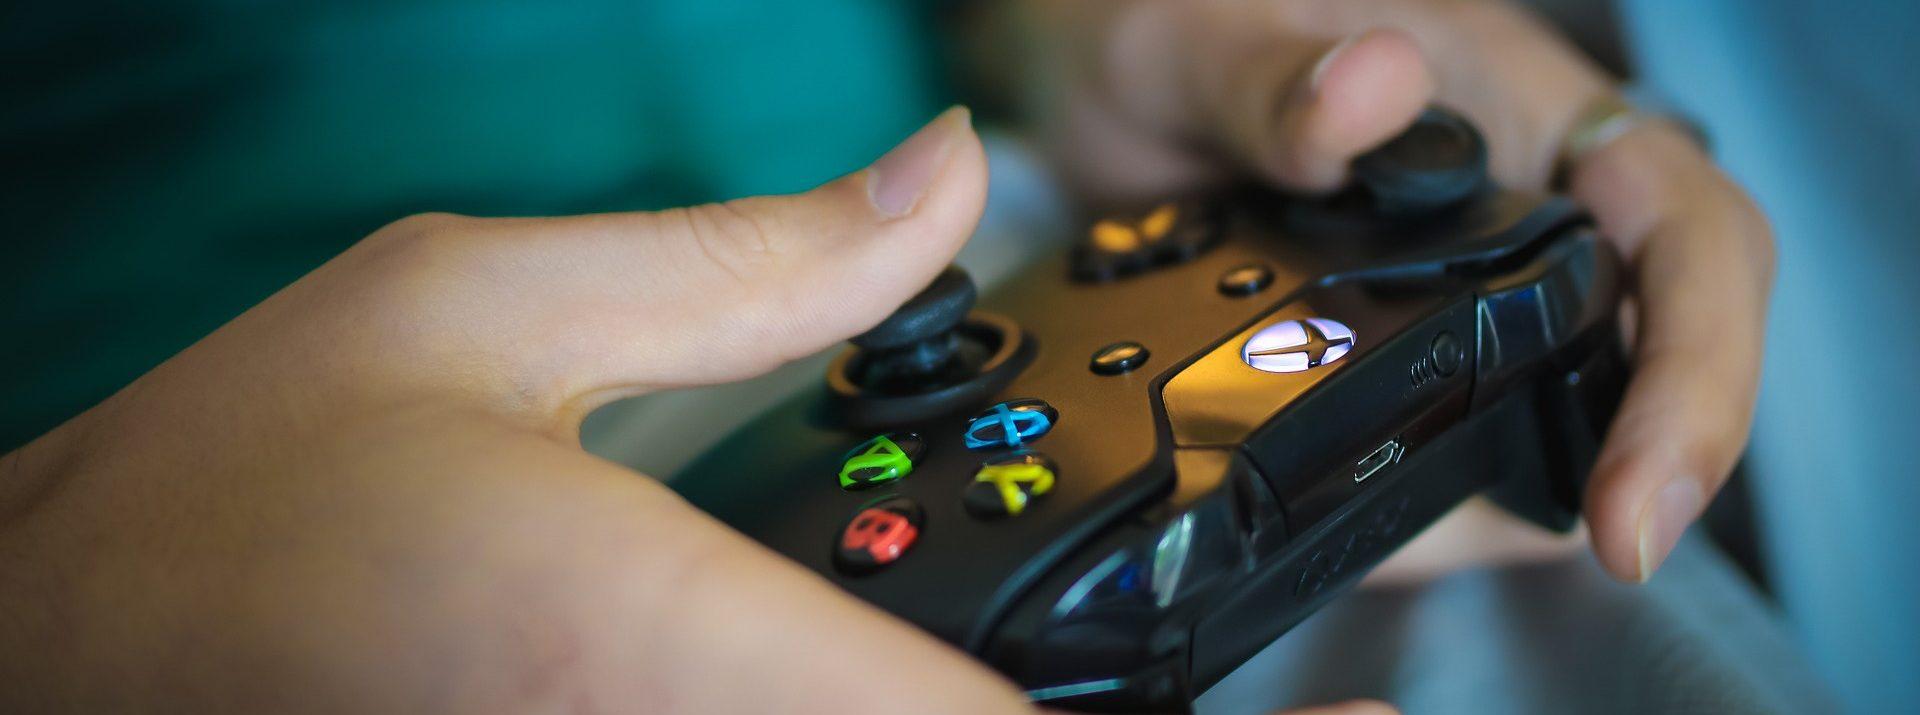 Videojocs, noves tecnologies i adiccions.